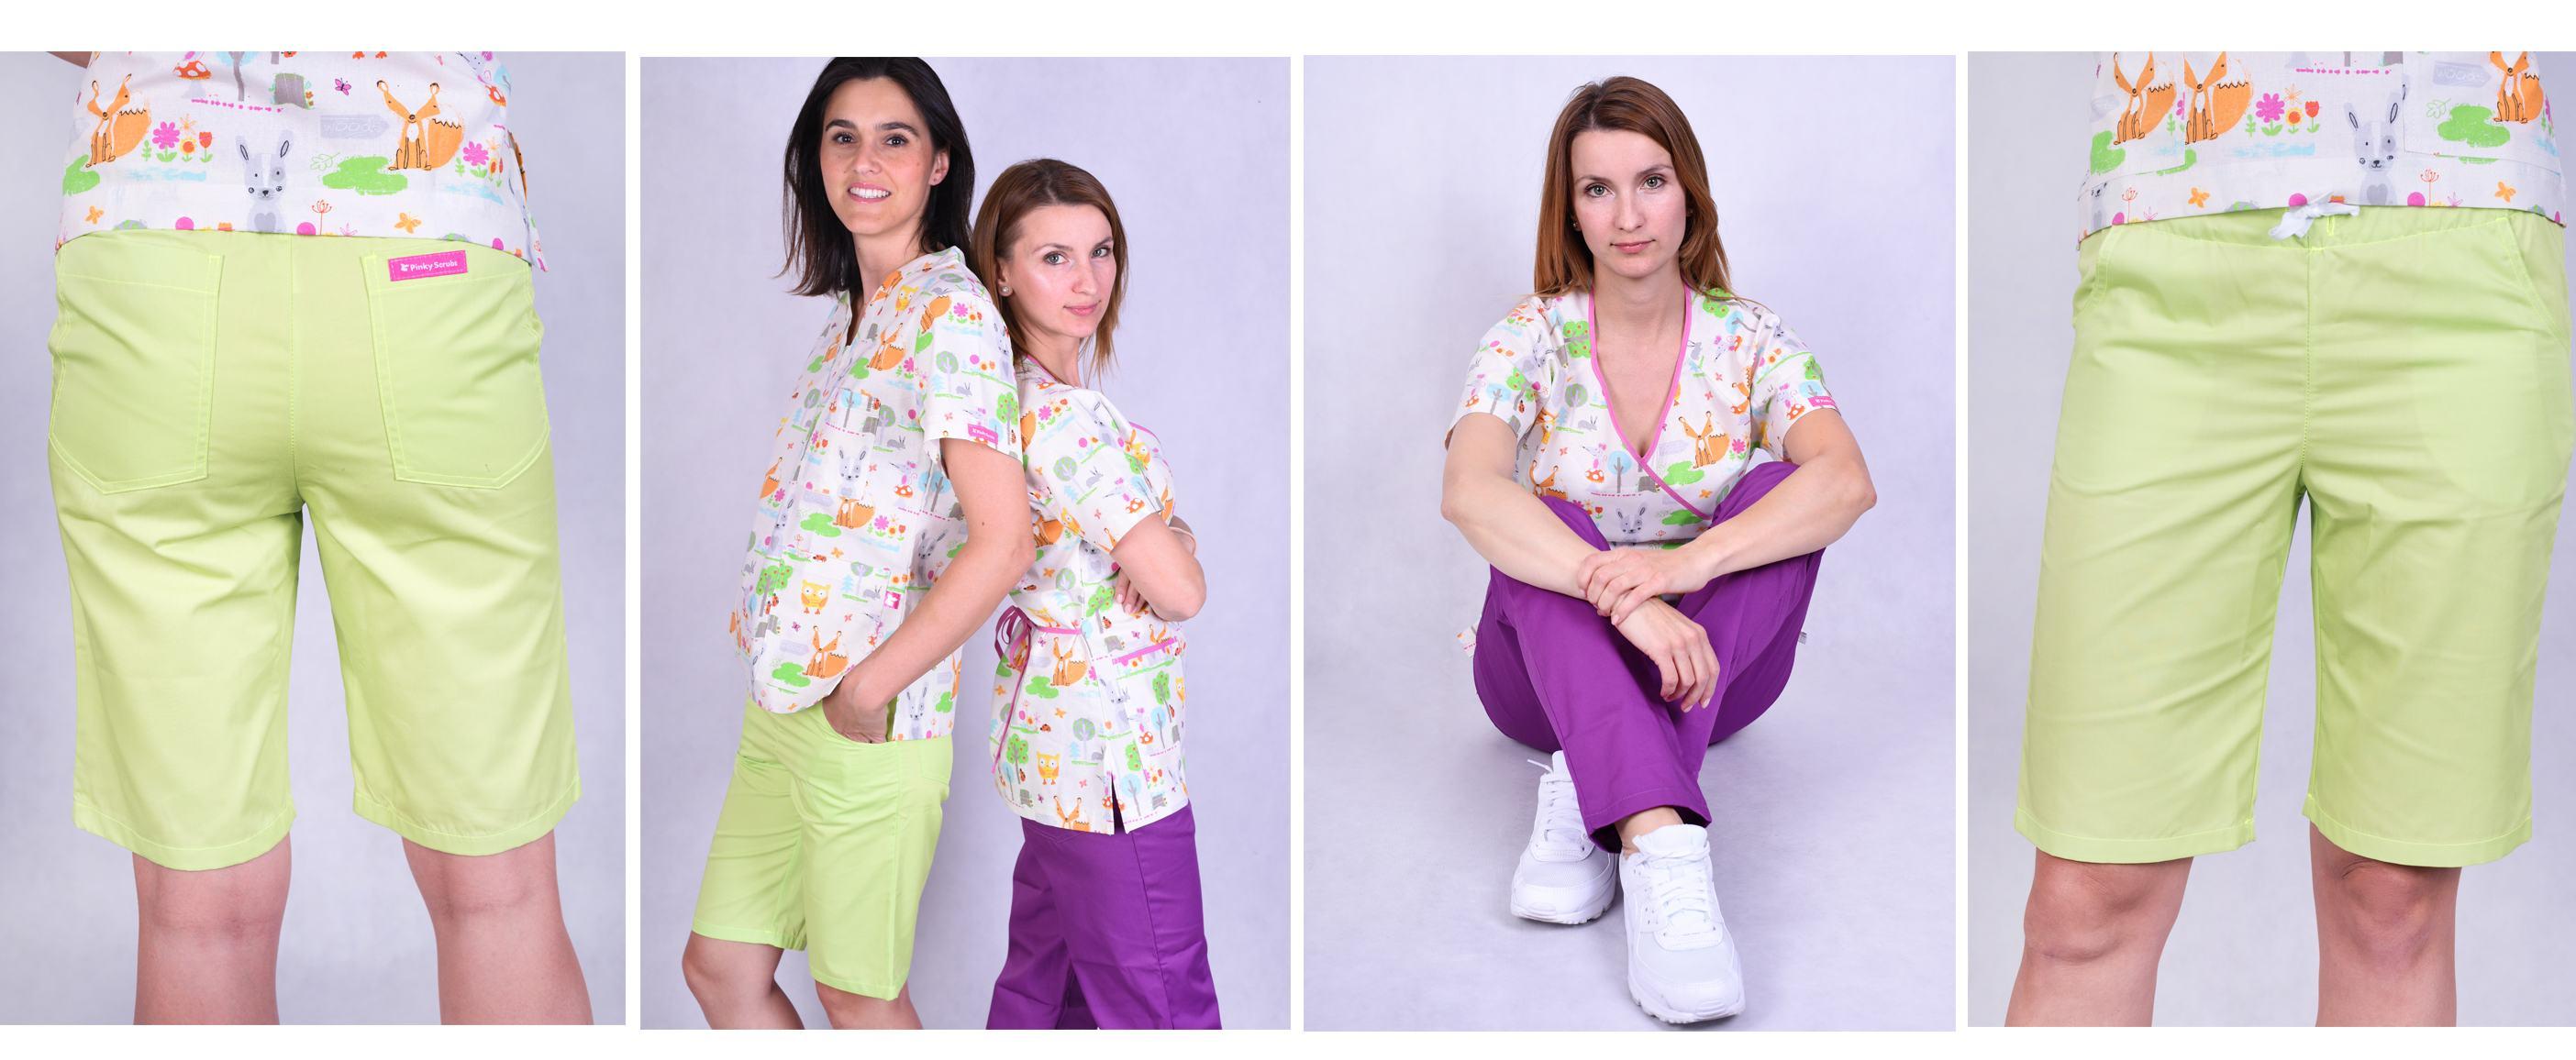 Barevné lékařské haleny s obrázky a kalhoty 2020 06